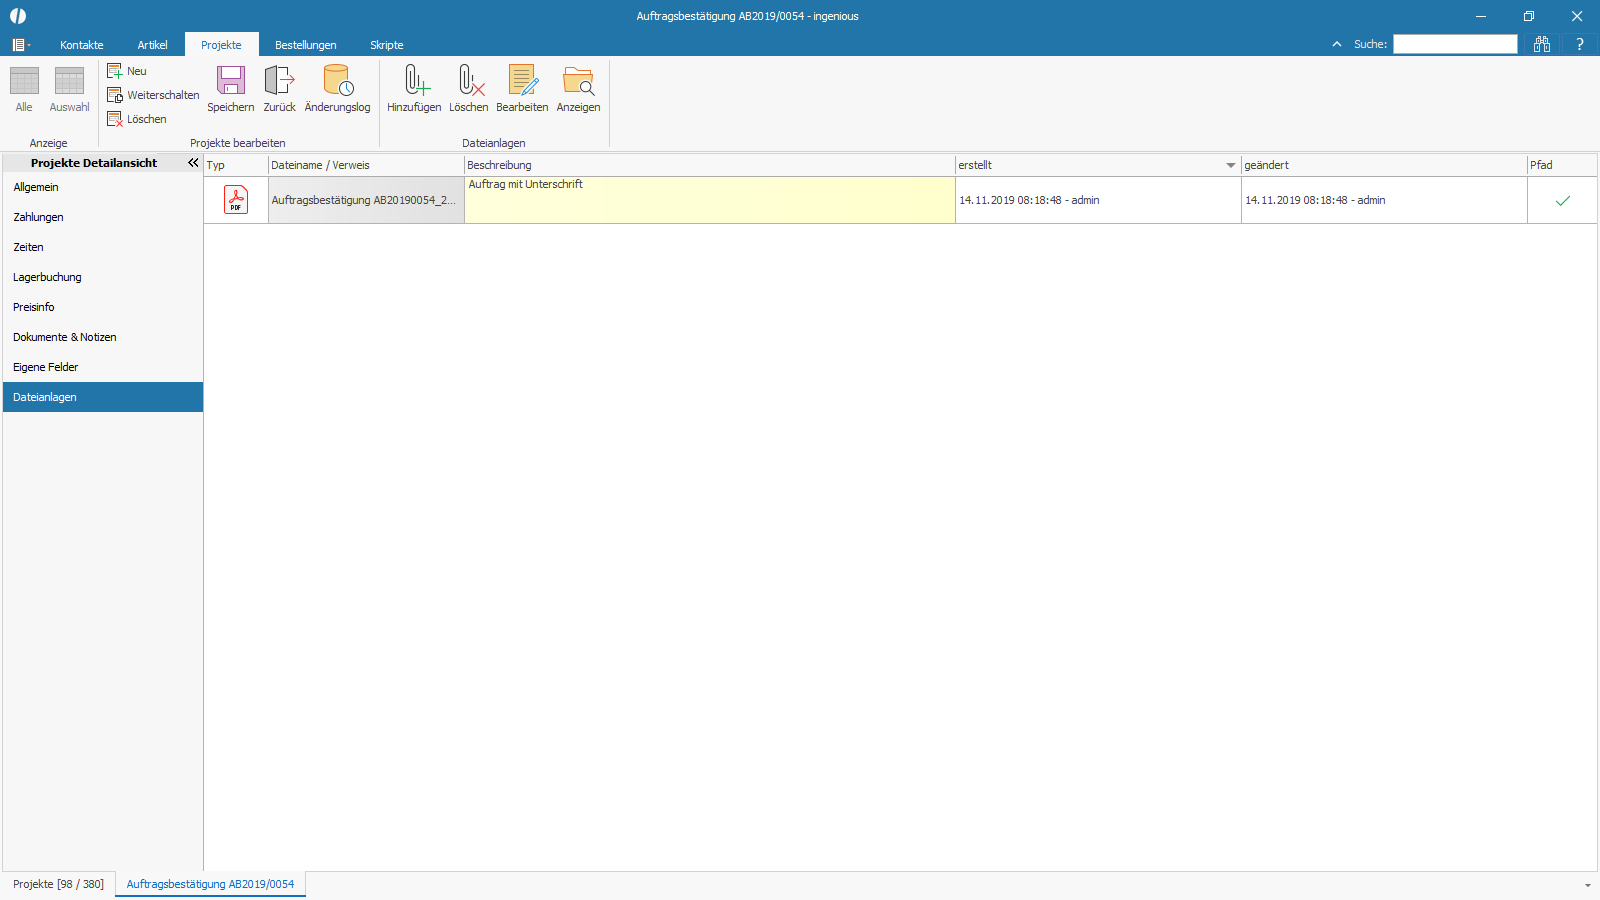 Ingenious Software Projekte Detailansicht Dateianlagen